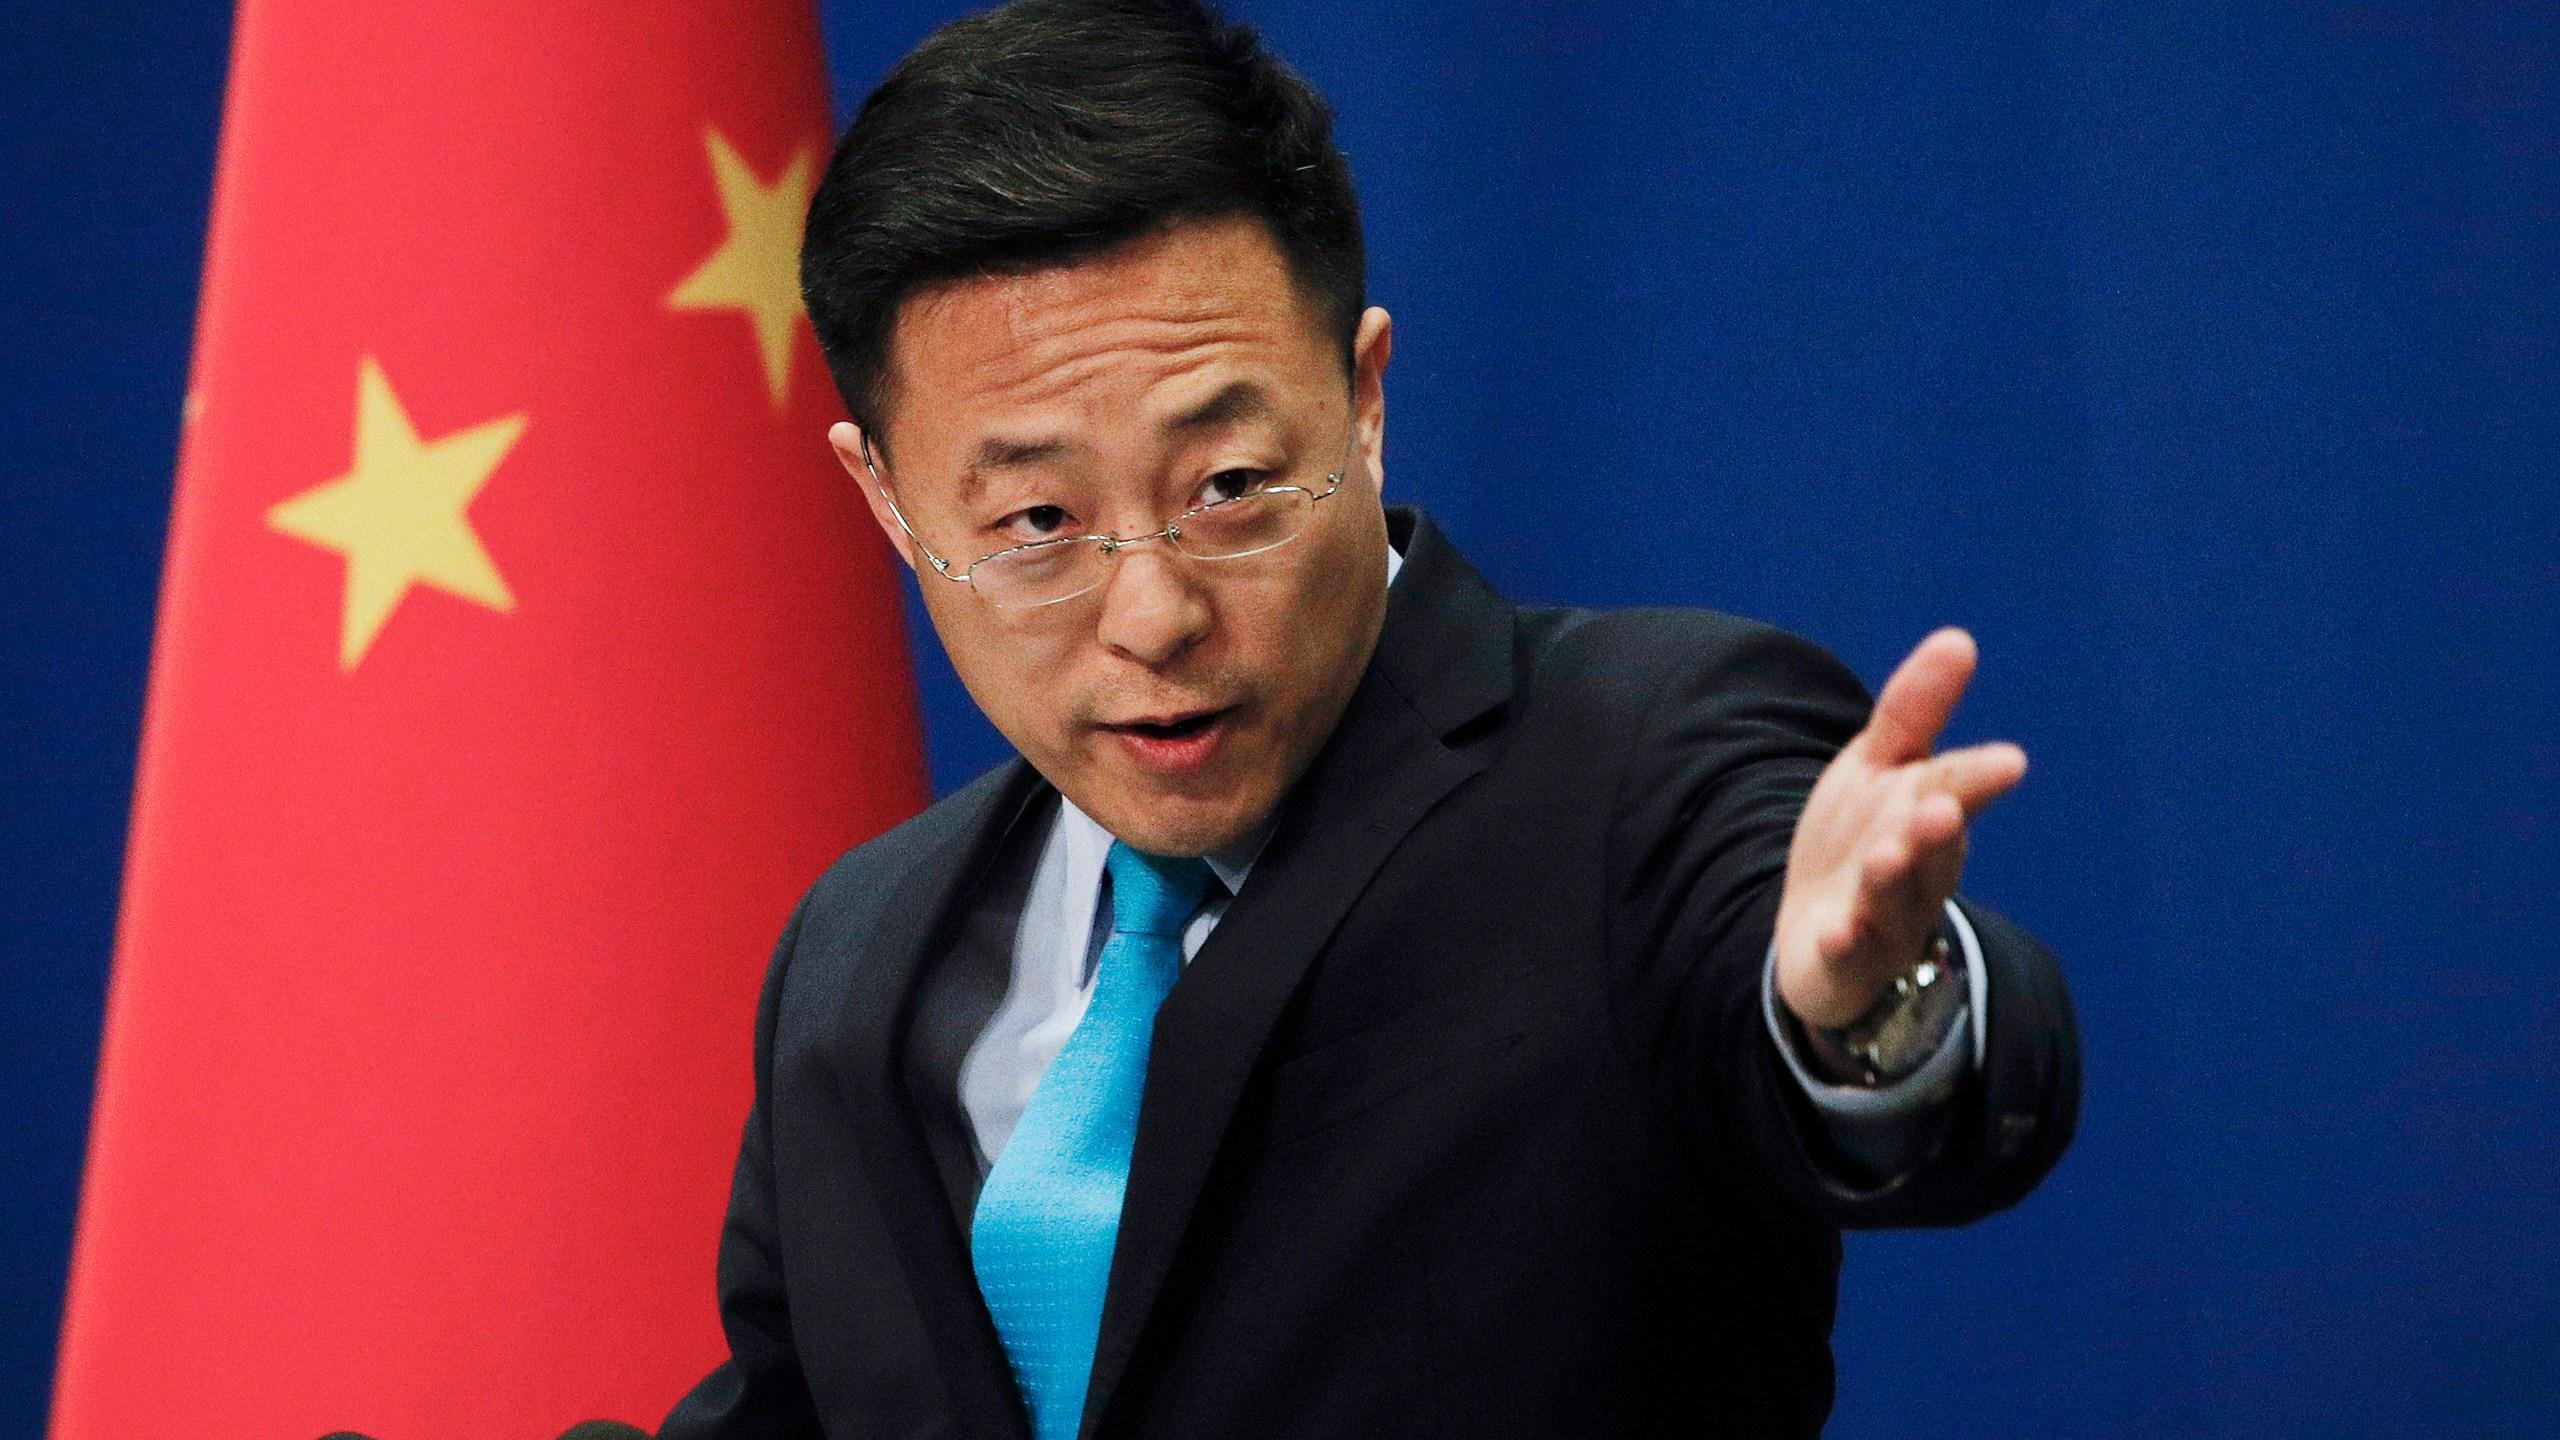 Zhao Lijian